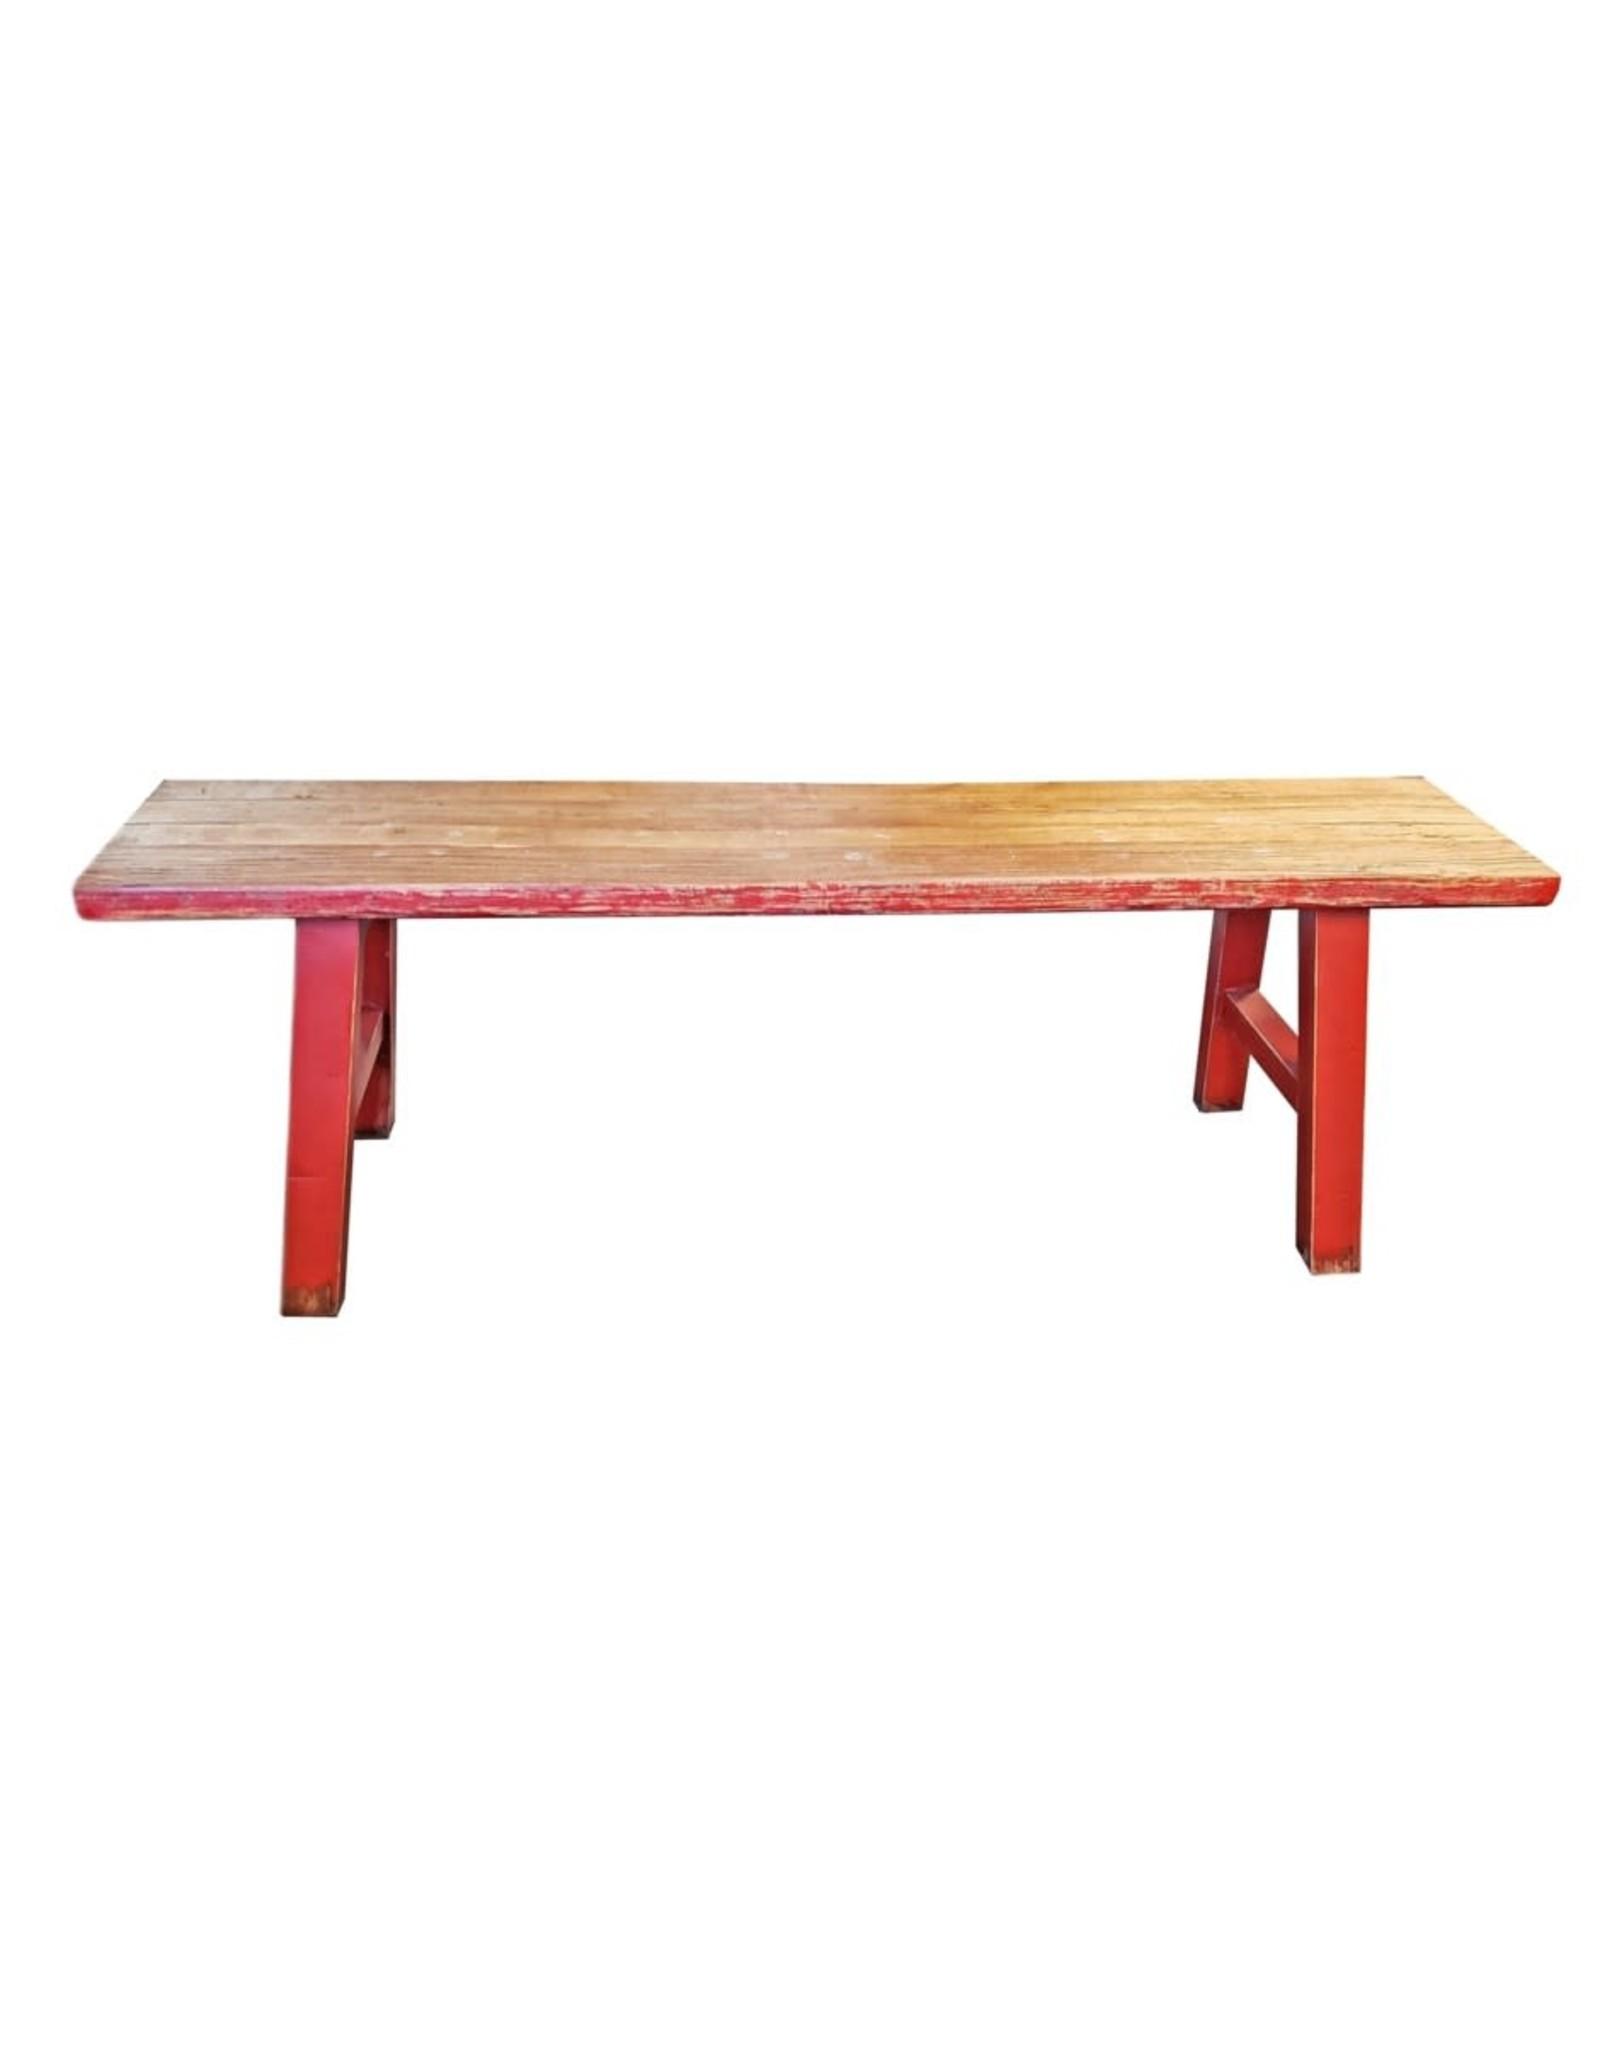 Banc en bois midwich 2 tons naturel rouge